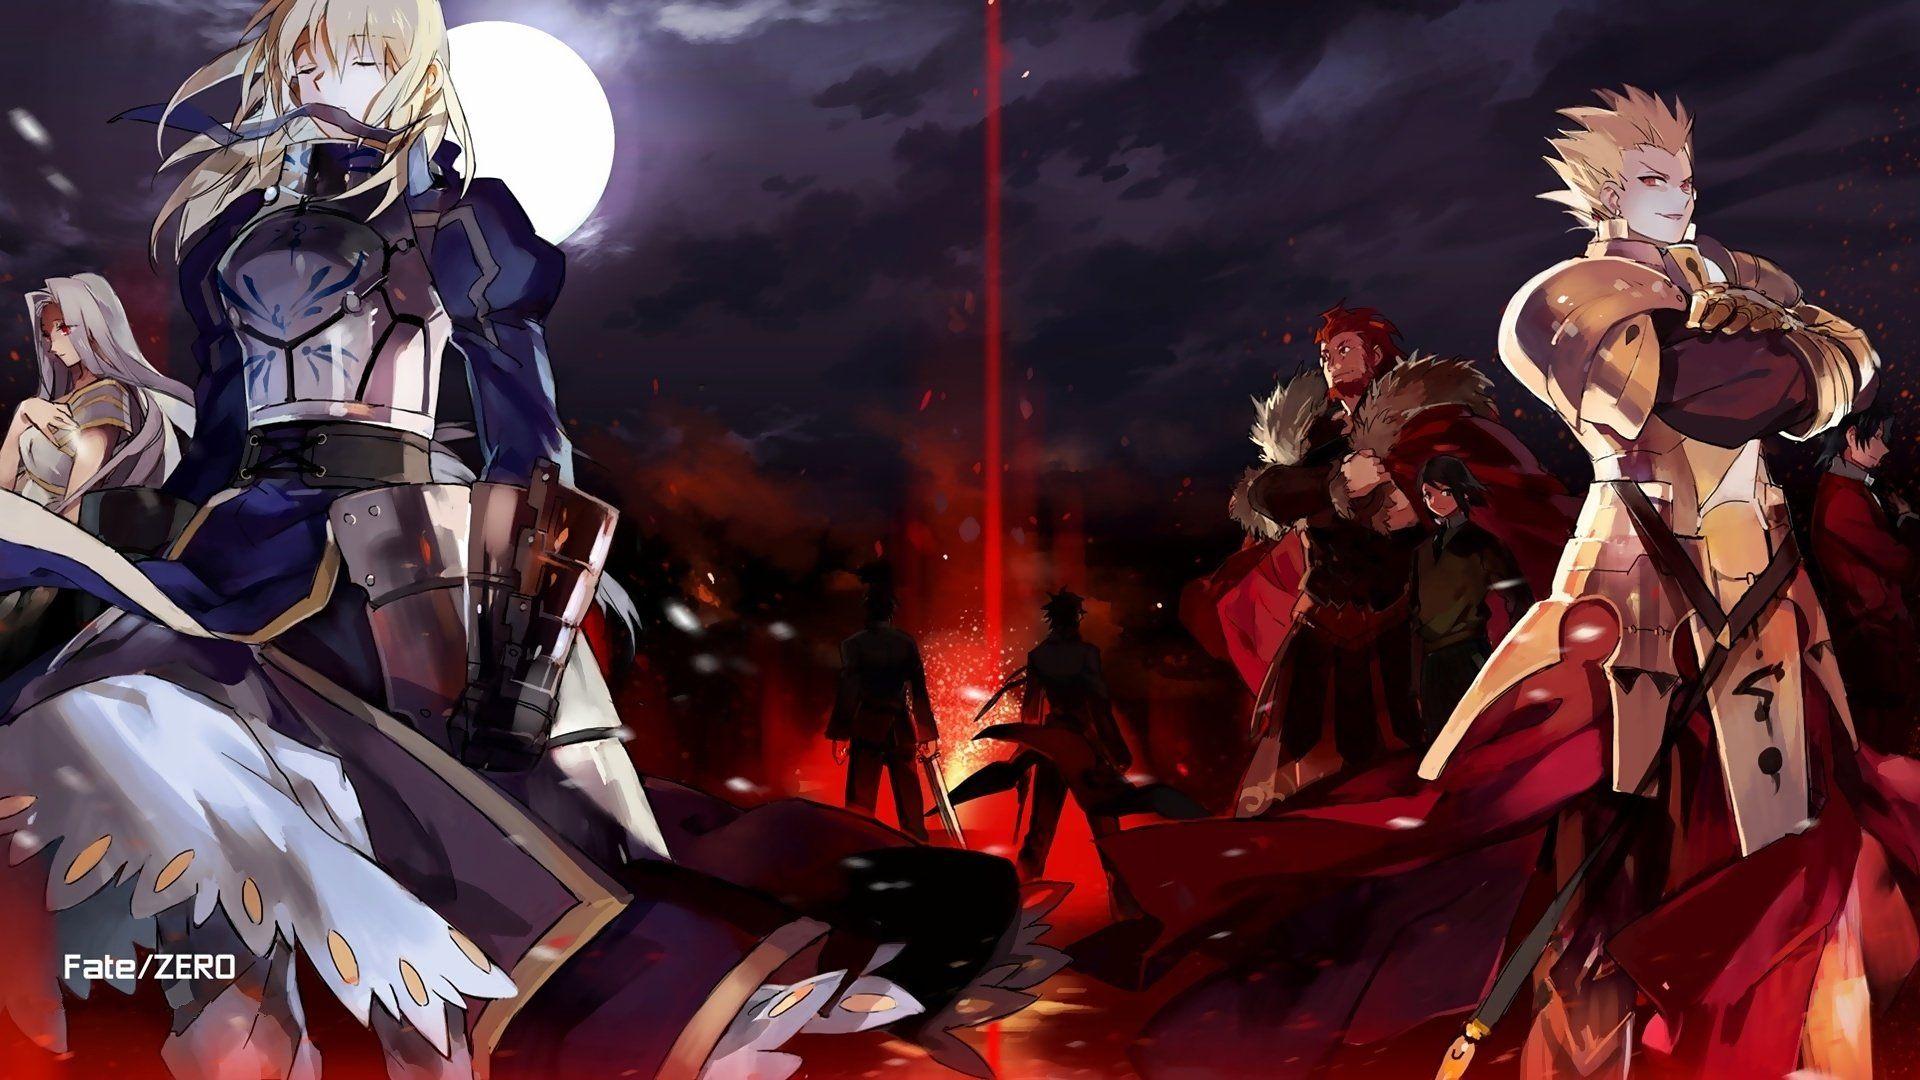 Anime Fate Zero Fate Series Saber Fate Series Gilgamesh Fate Series Wallpaper Fate Zero Fate Stay Night Fate Wallpaper anime fate stay saber fate